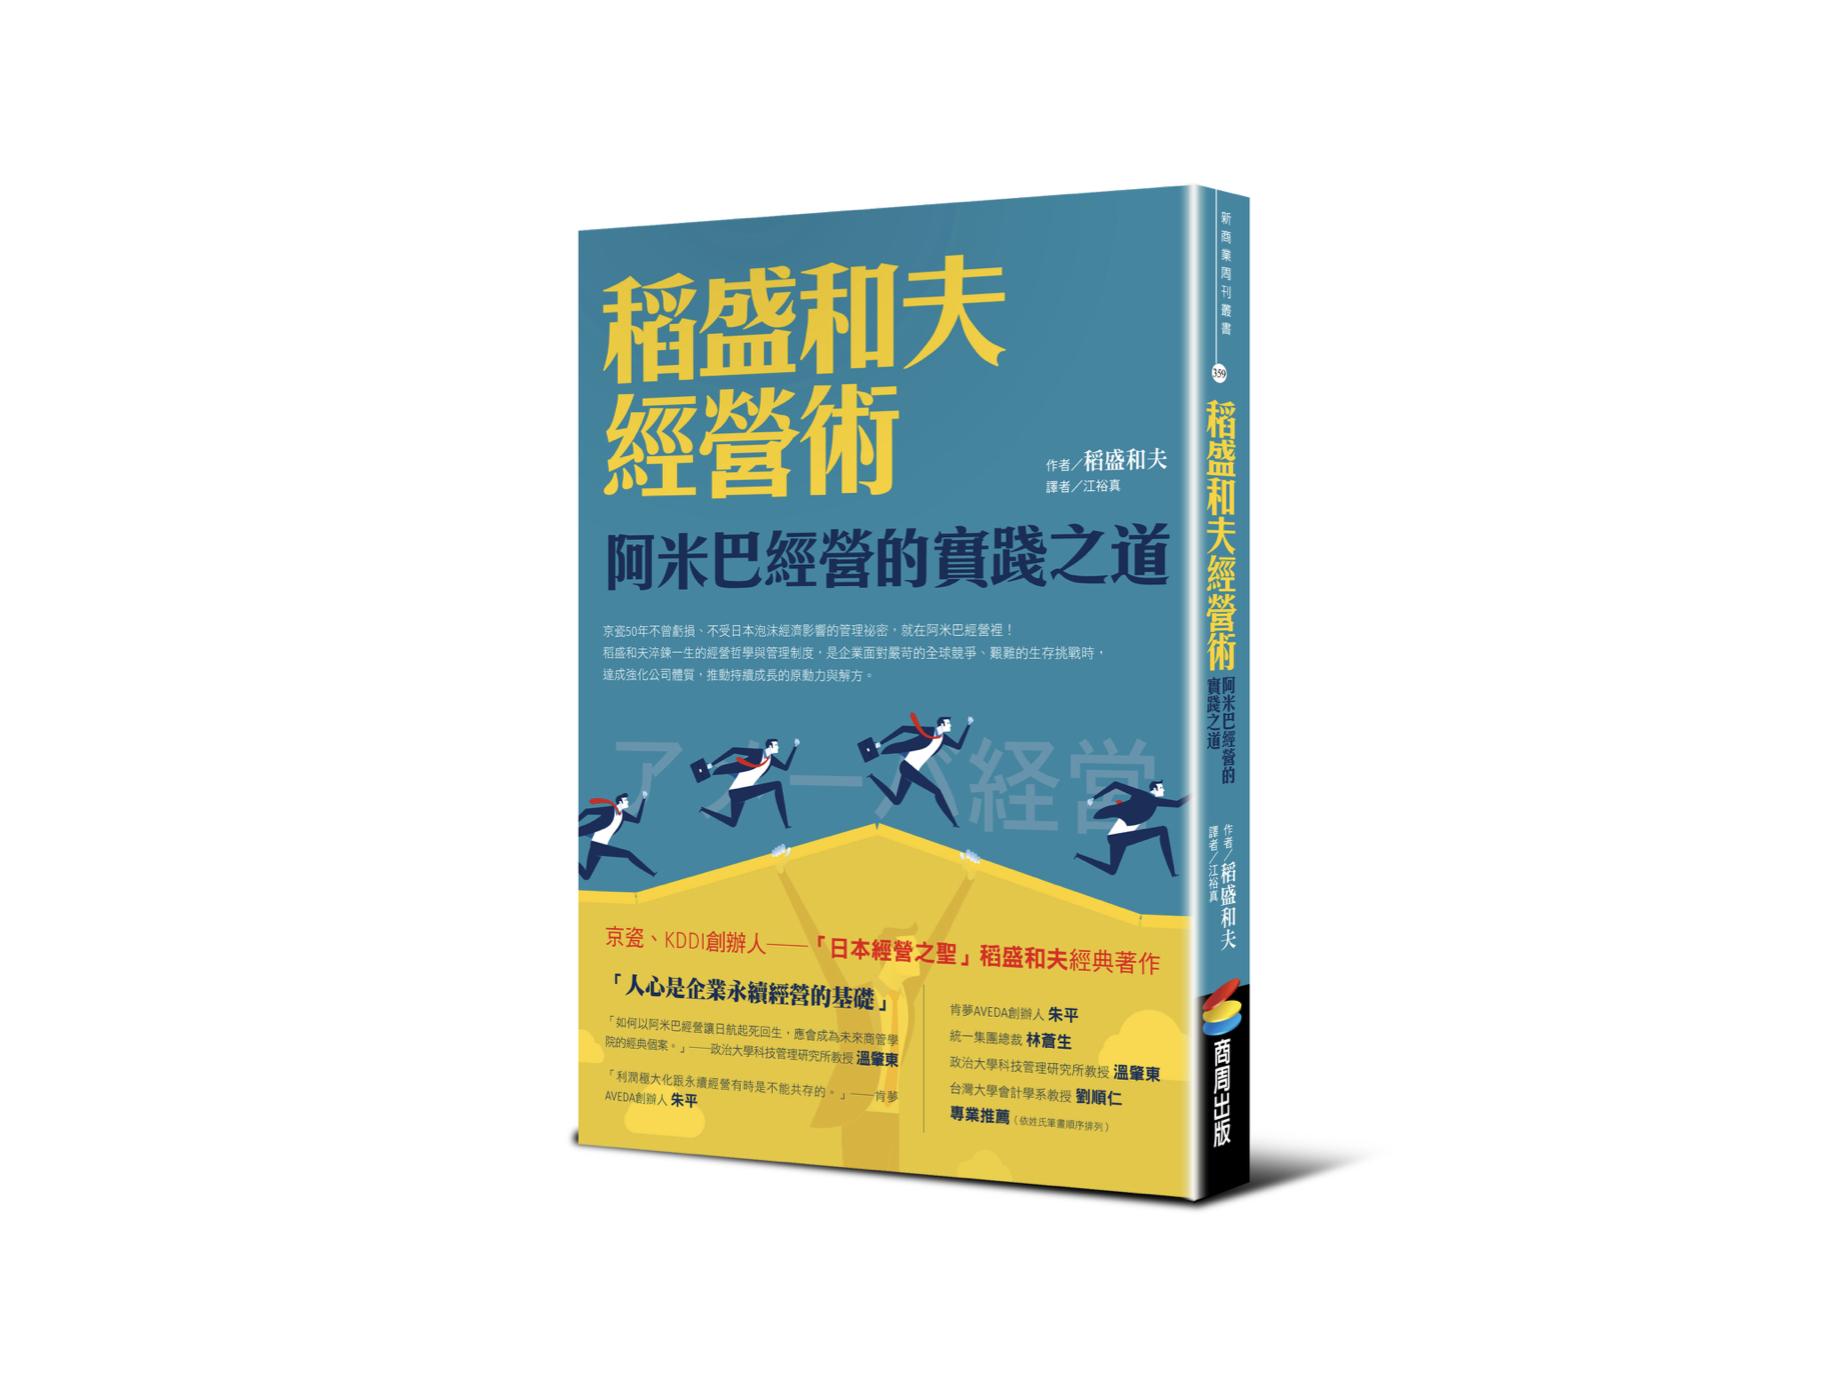 新書搶先看》稻盛和夫經營術,阿米巴經營的實踐之道